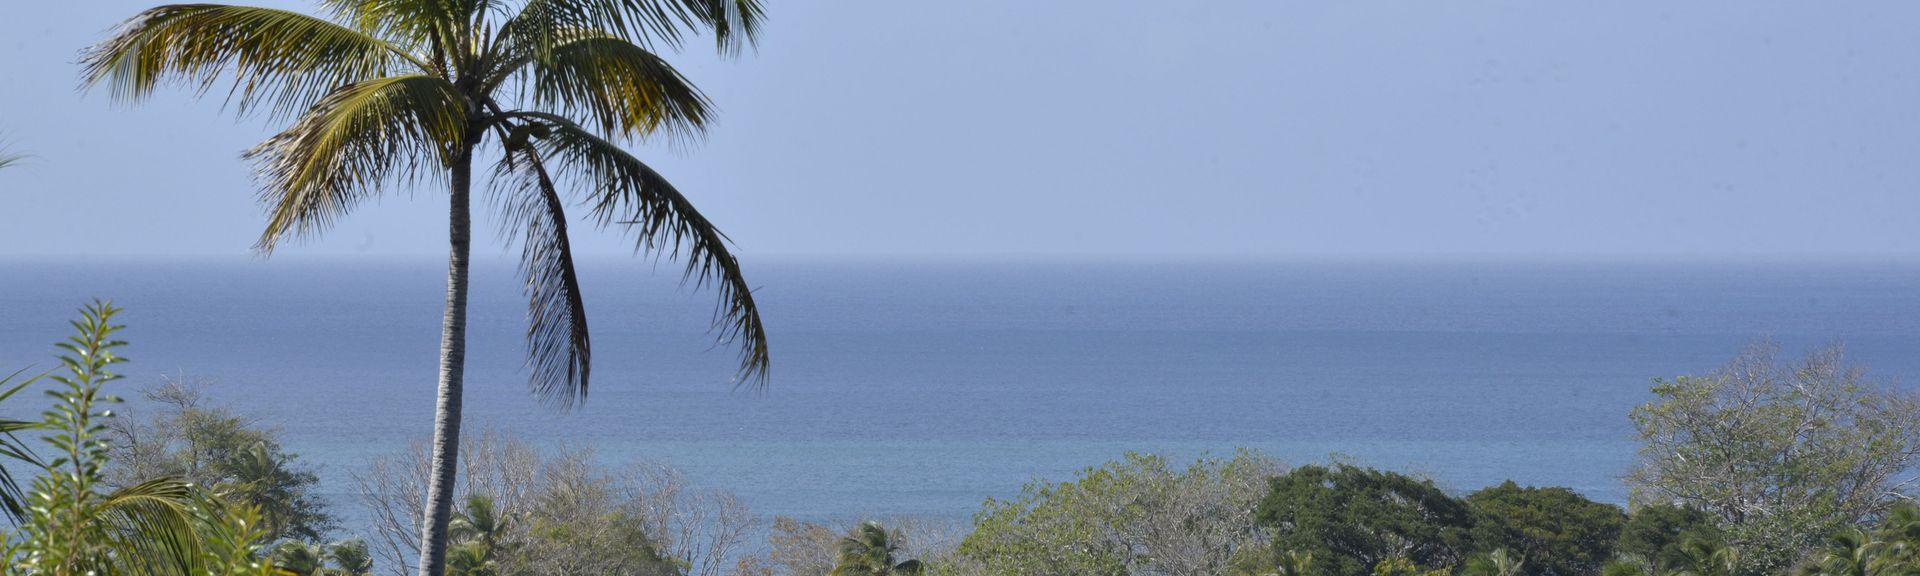 Stonehaven Bay, Black Rock, Western Tobago, Republik Trinidad und Tobago